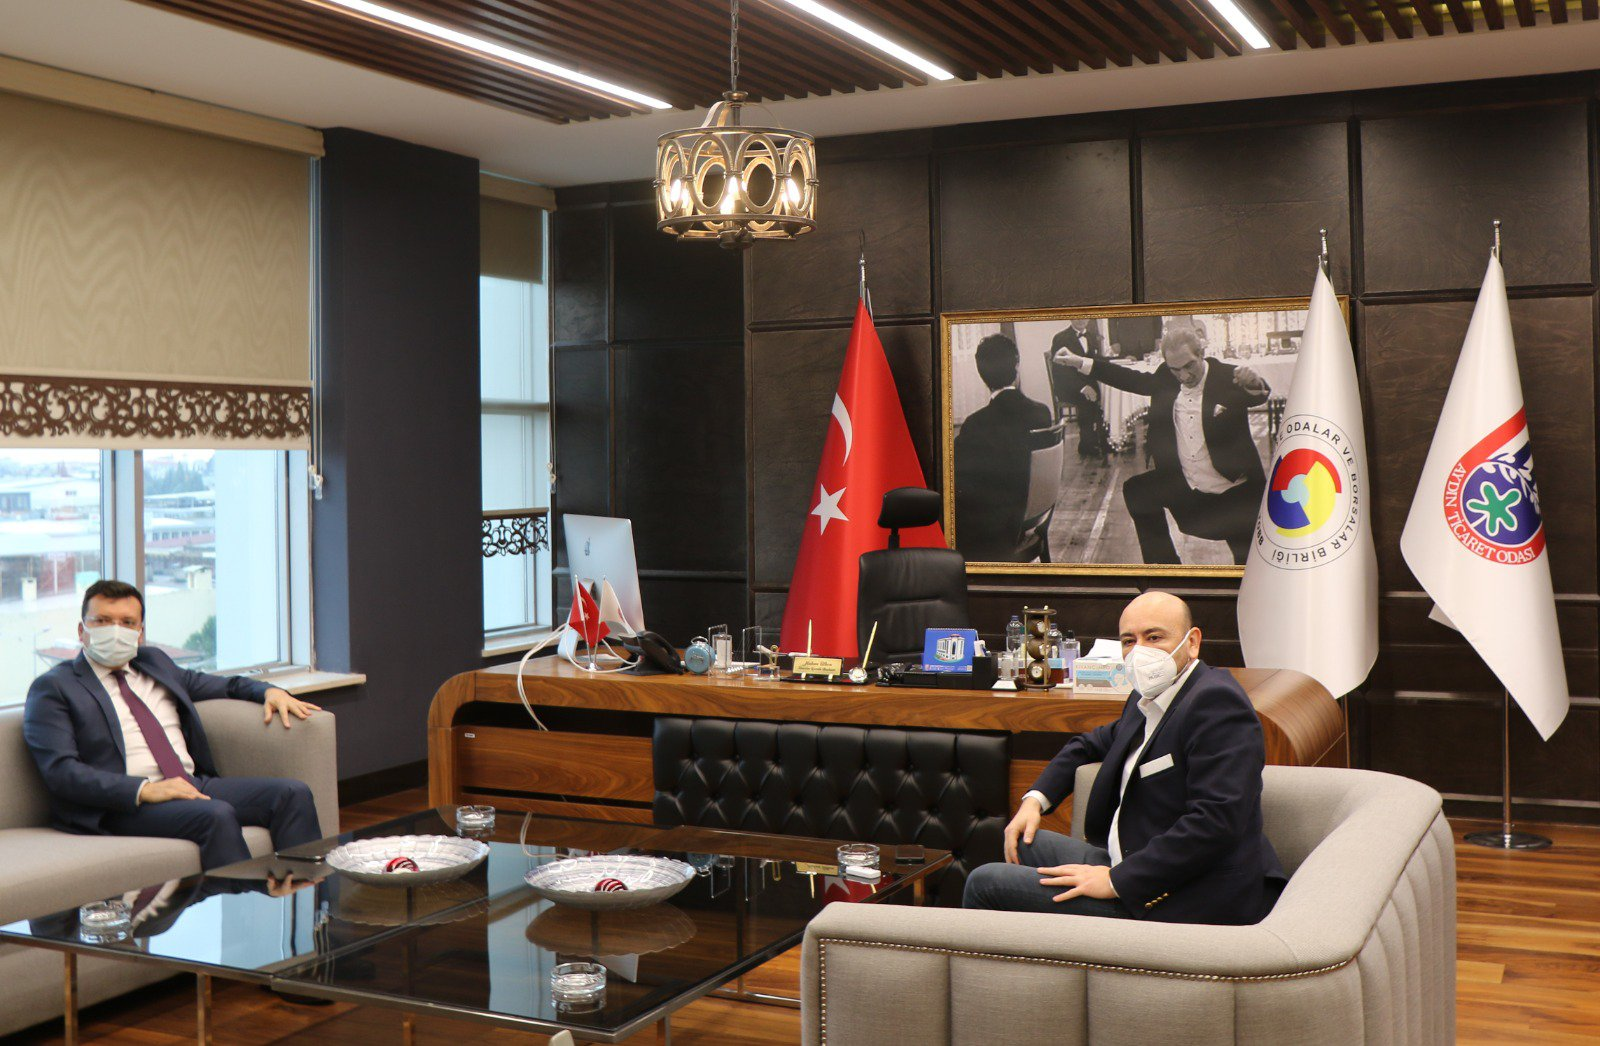 Efeler İlçesi Kaymakamı Cemal ŞAHİN, Tobb Yönetim Kurulu Üyesi ve AYTO Başkanı Hakan ÜLKEN'i makamında ziyaret etti